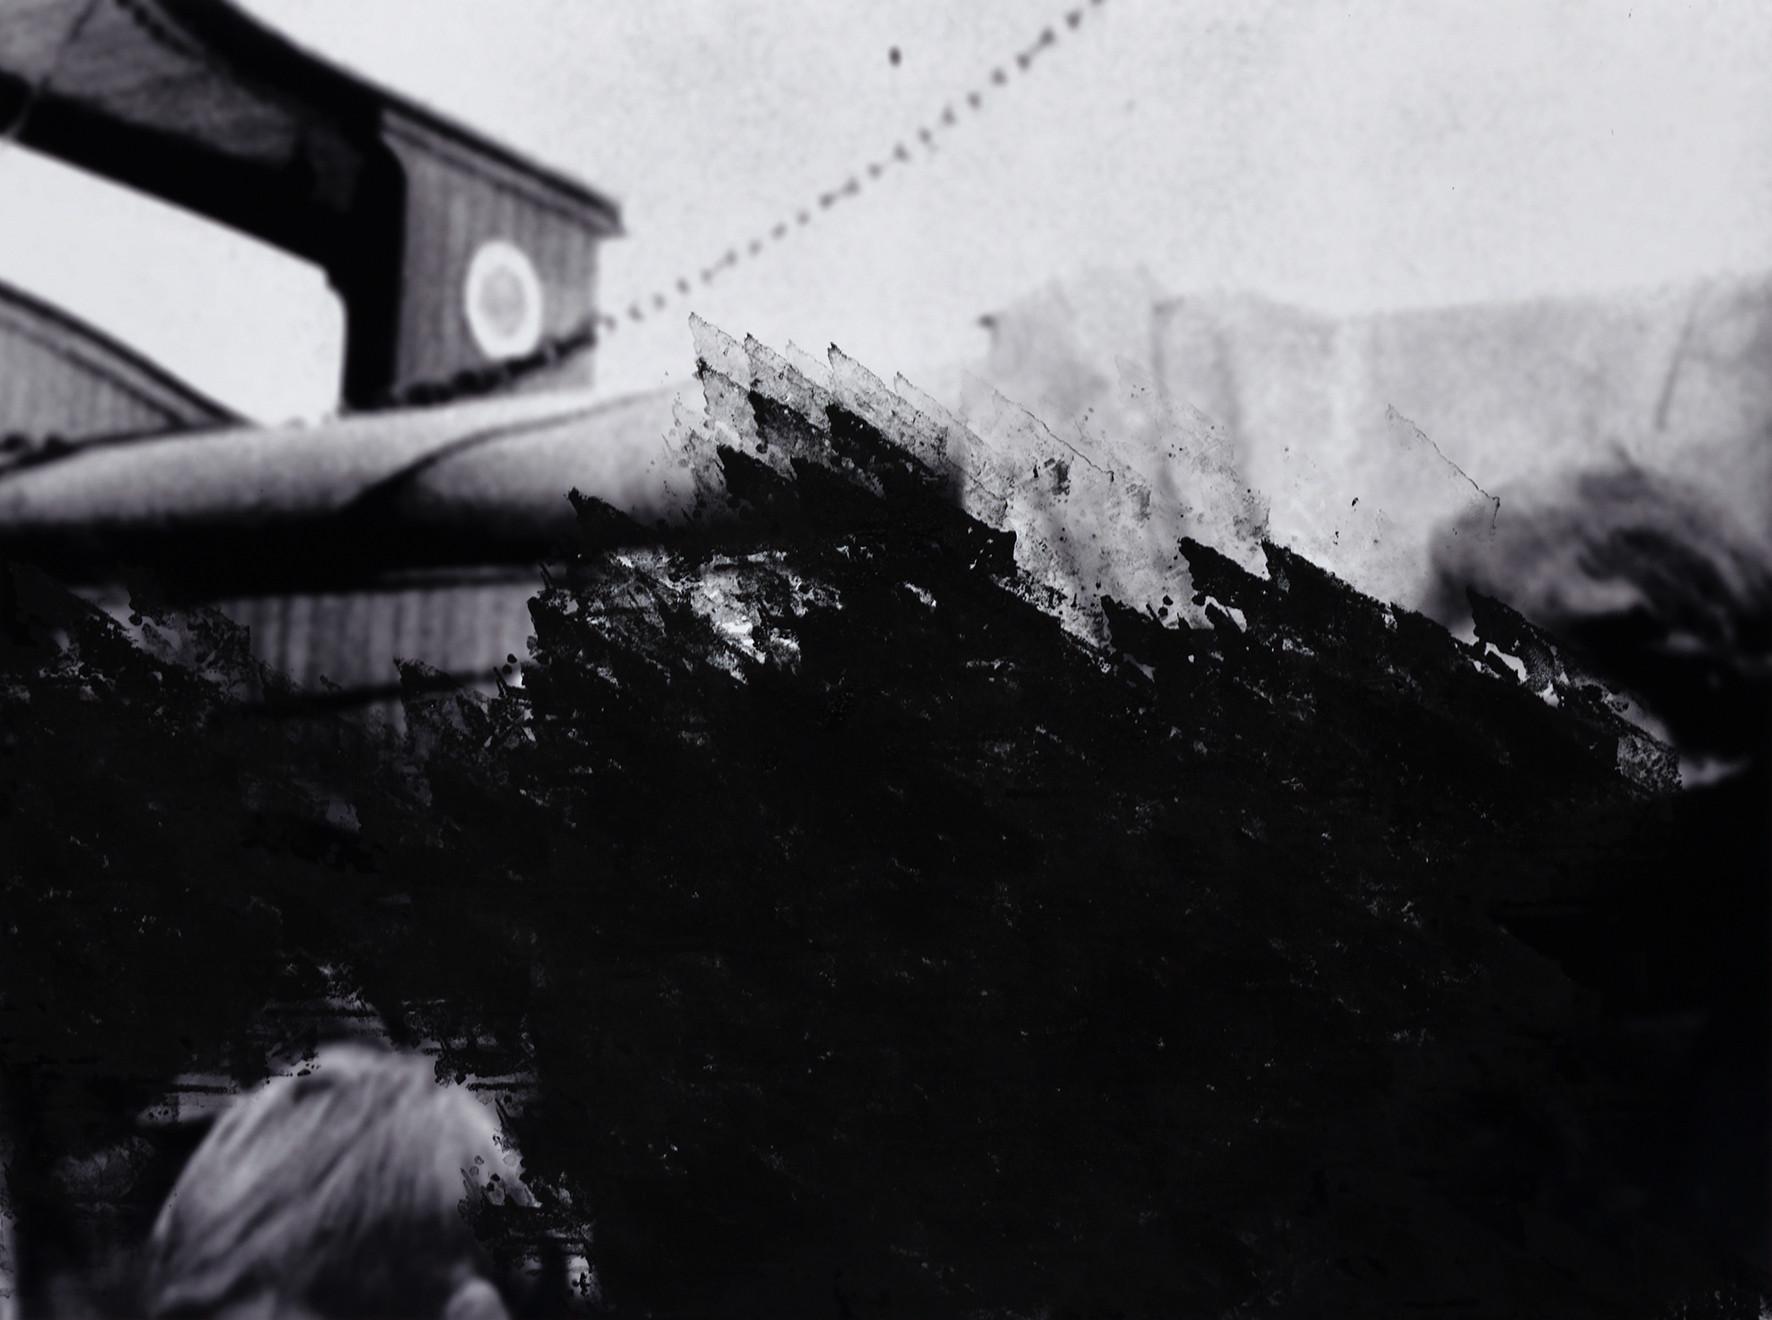 seguem os destroços celestes   the sky-wrecls drive [2018], carimbo sobre impressão jato de tinta, série de 4 imagens (45 x 60 cm cada)   rubber stamp on print on cotton paper, set of 4 images (45 x 60 each)